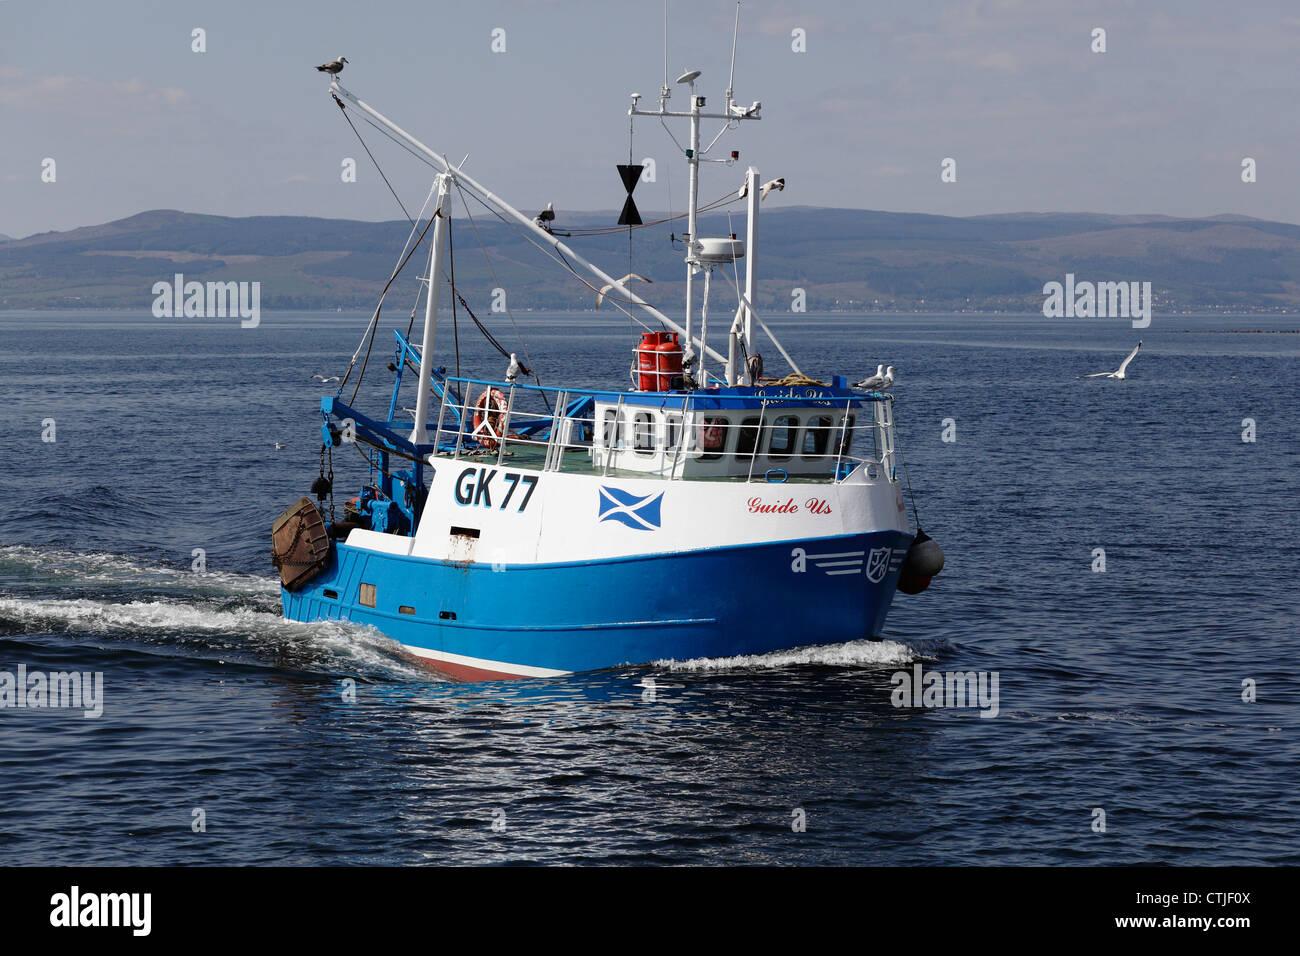 Kleine Fischerboote Boot Guide uns Segeln in Firth of Clyde, Ayrshire, Schottland, Großbritannien Stockbild